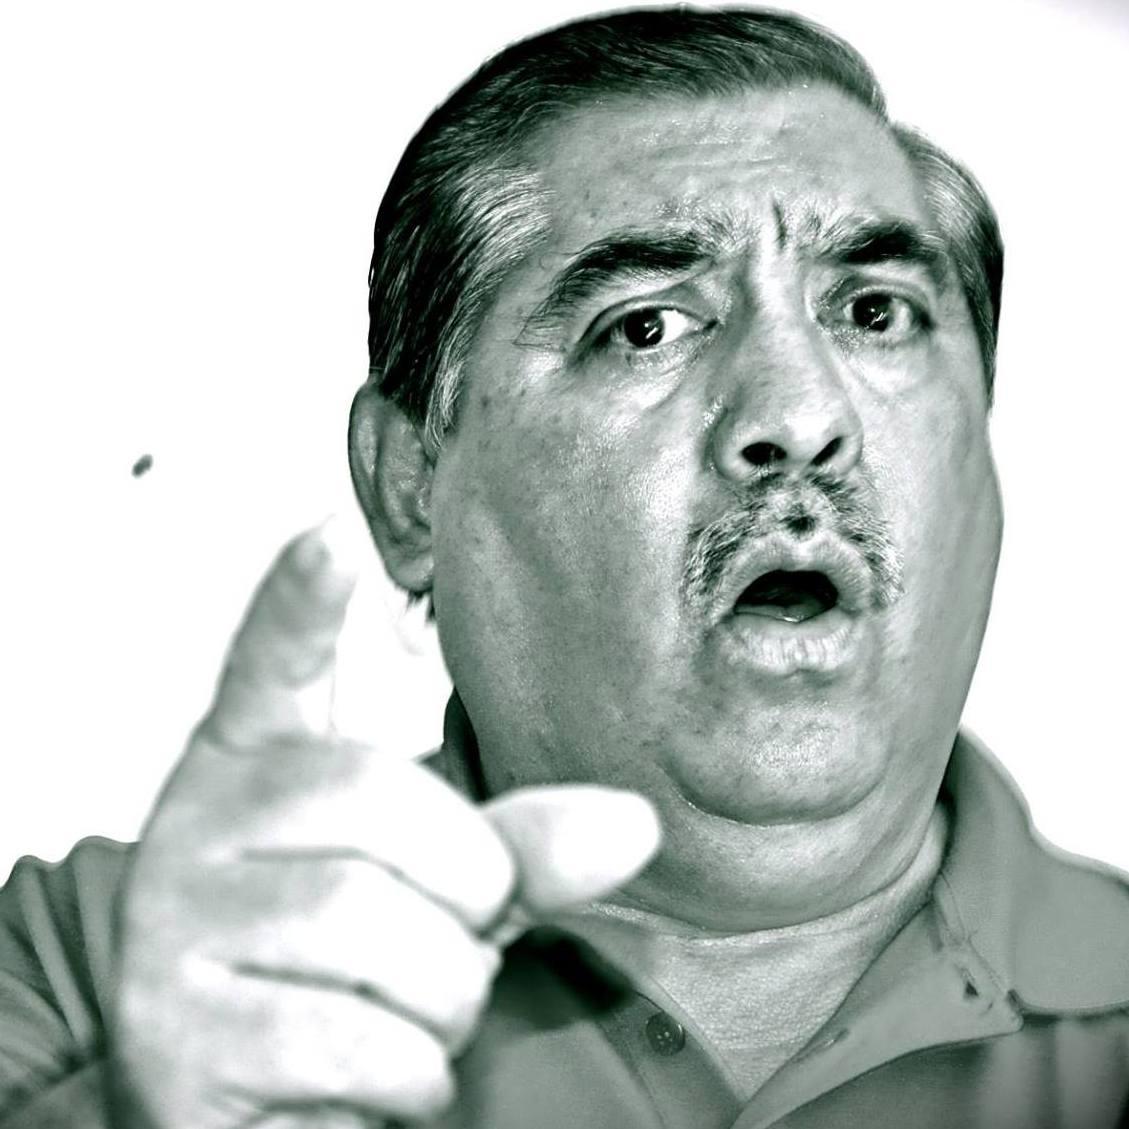 HERMINIO AGUILAR GARZA